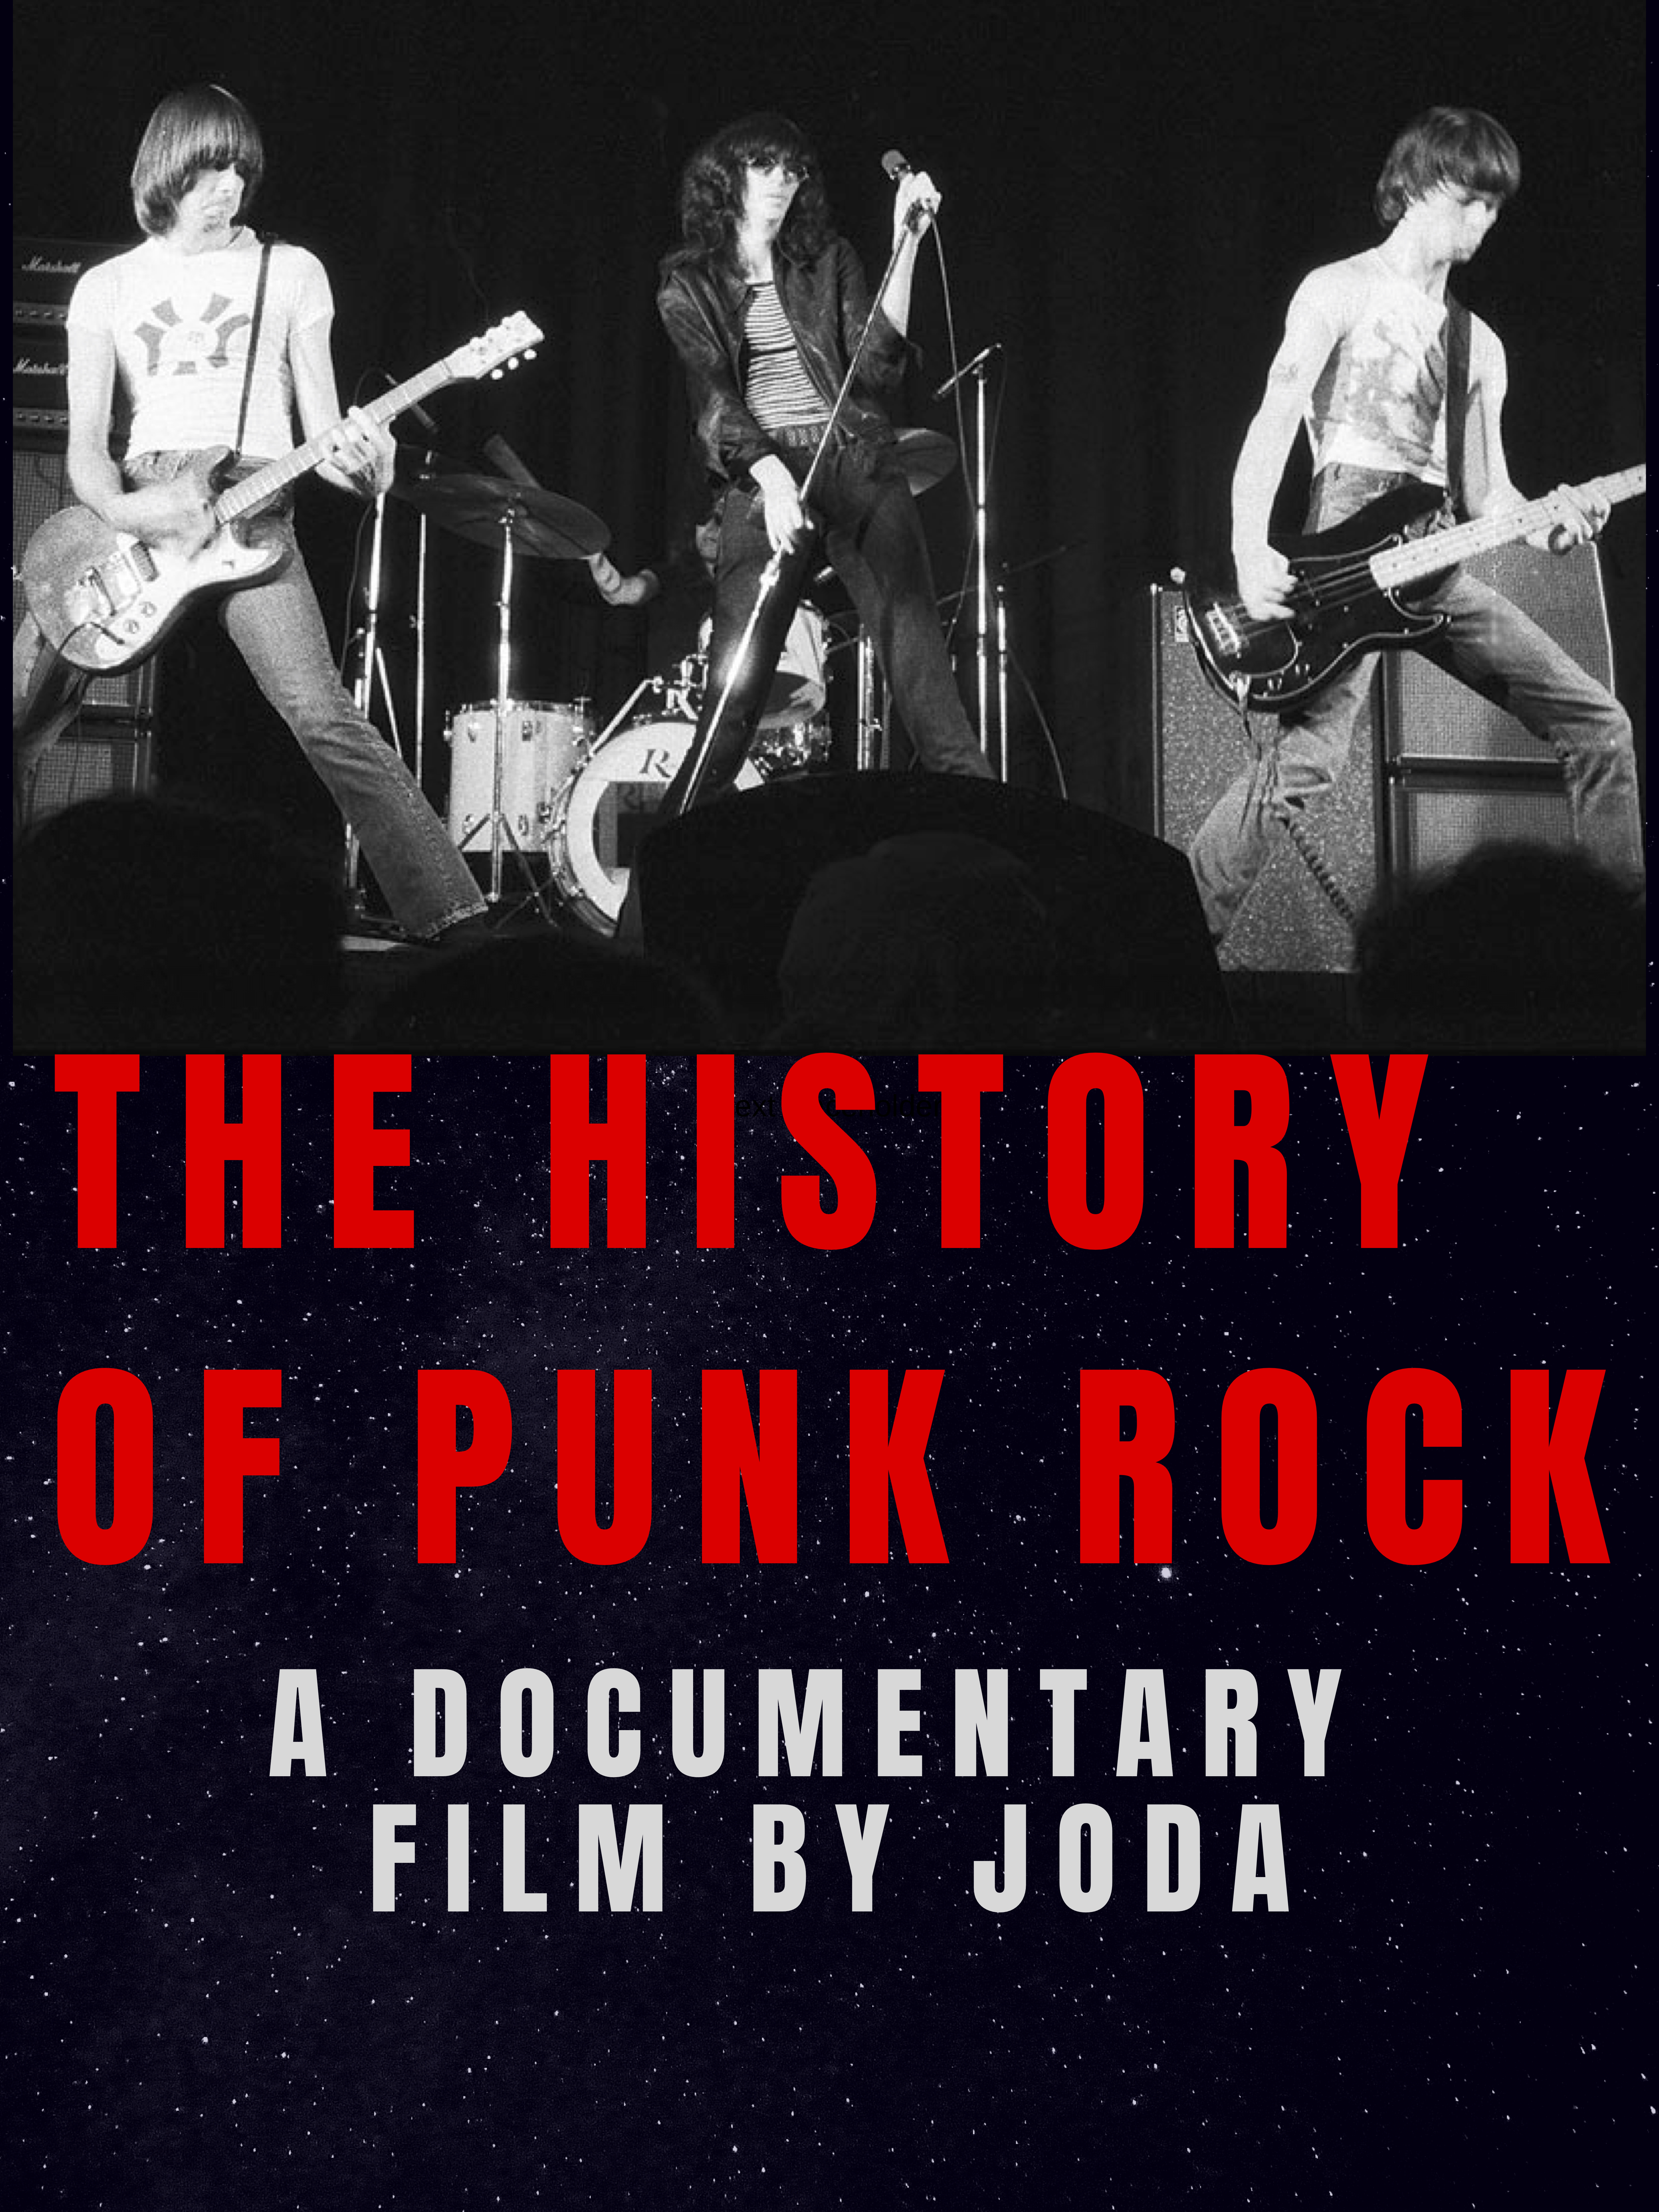 punk rock albums